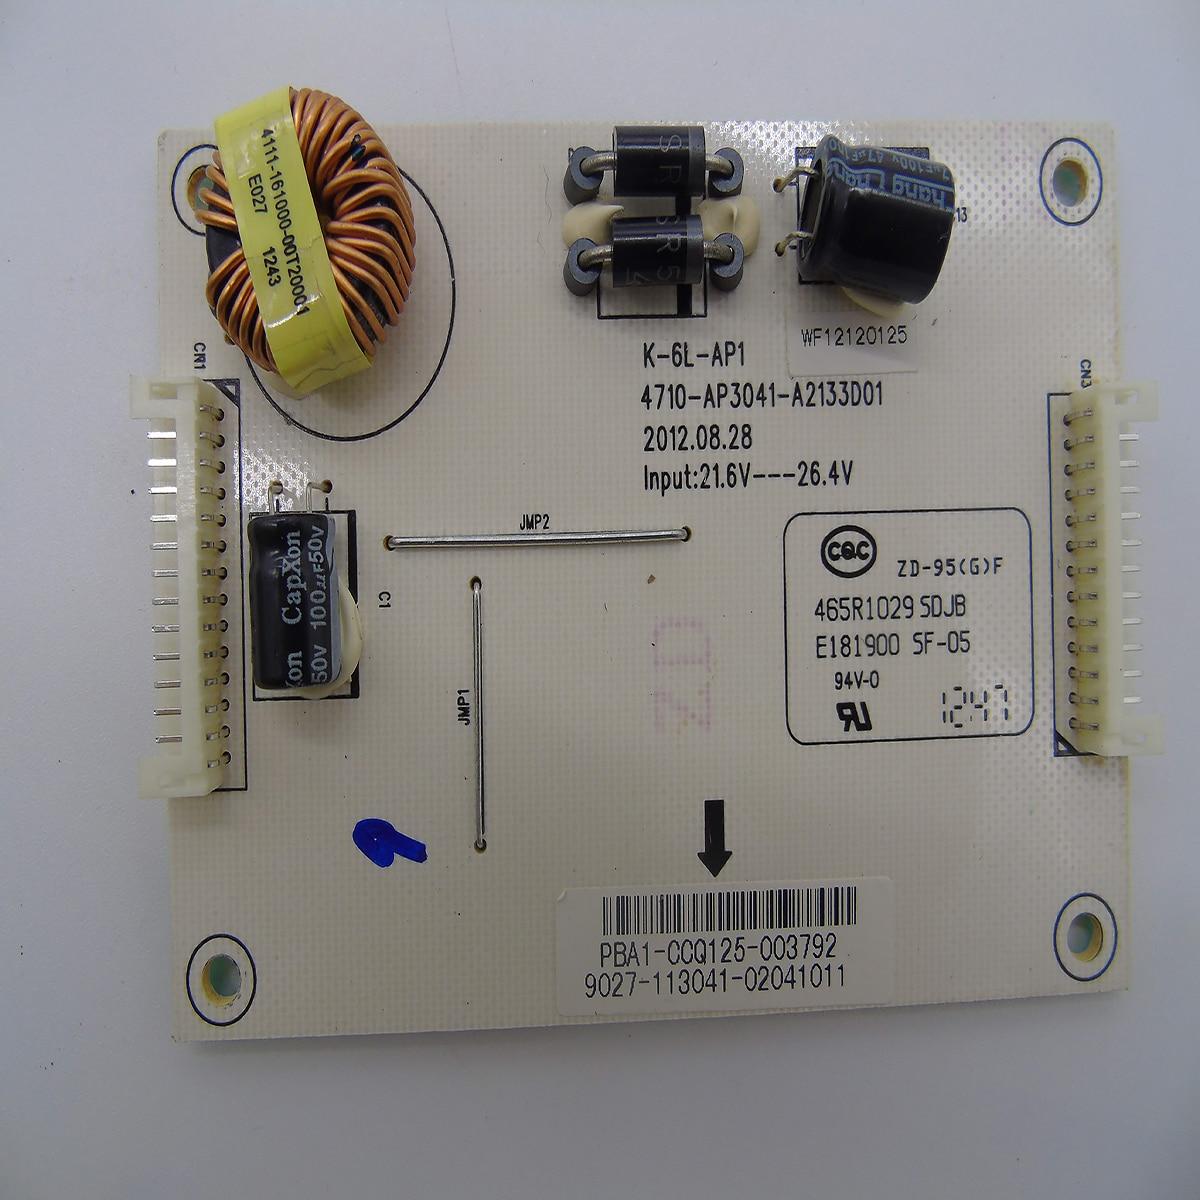 100% من اختبار ل LE37KUH3 ثابت الحالي لوحة K-6L-AP1 4710-AP3041-A2133D01